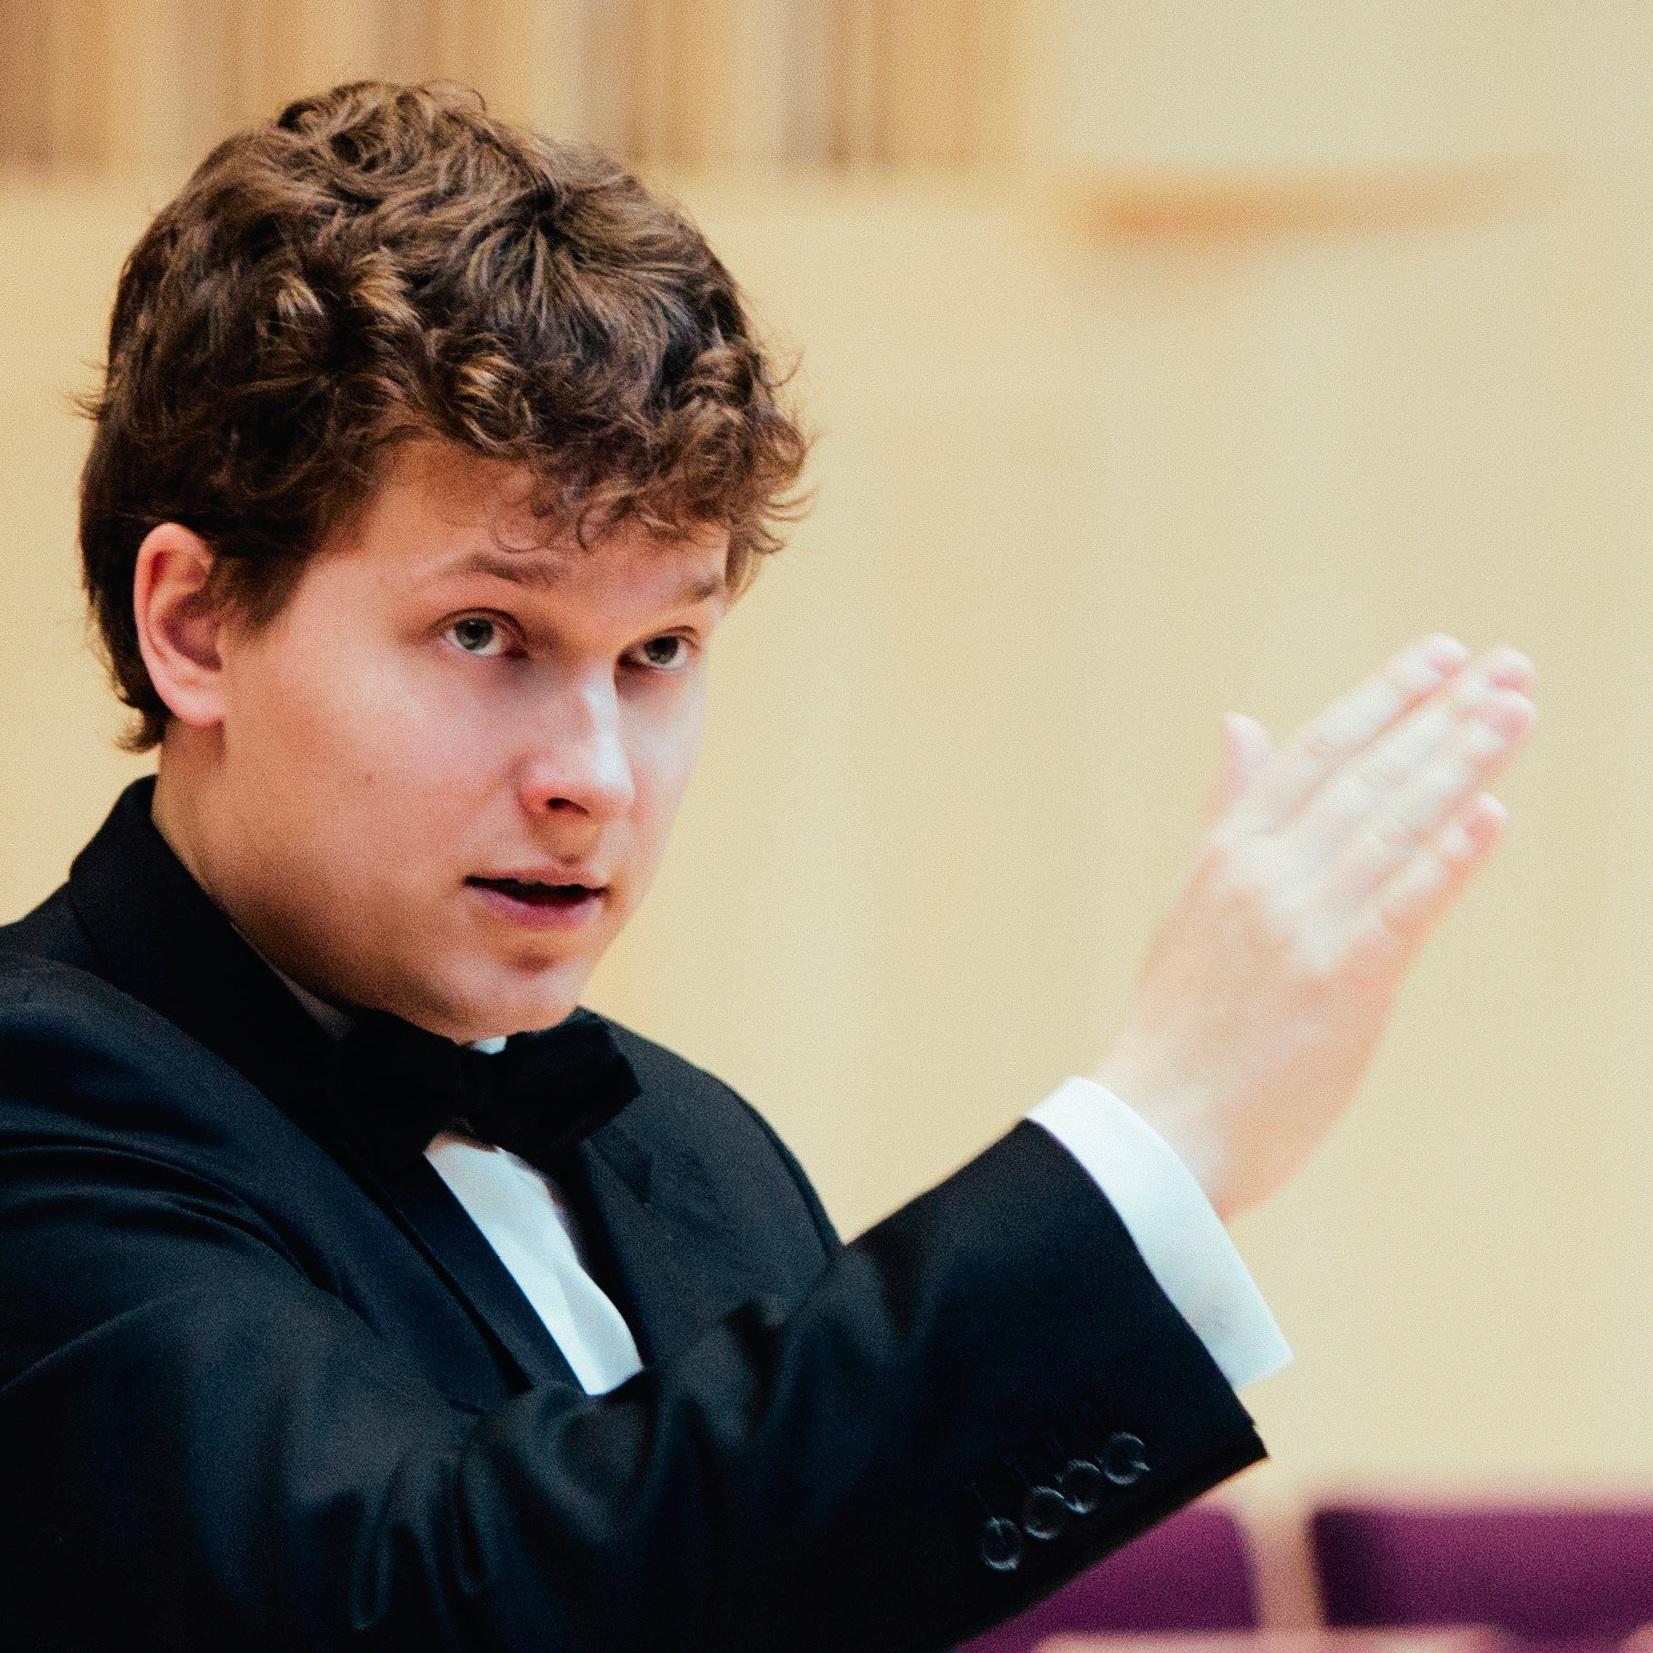 指揮 conductor  利耶賓許 Jānis Liepiņš